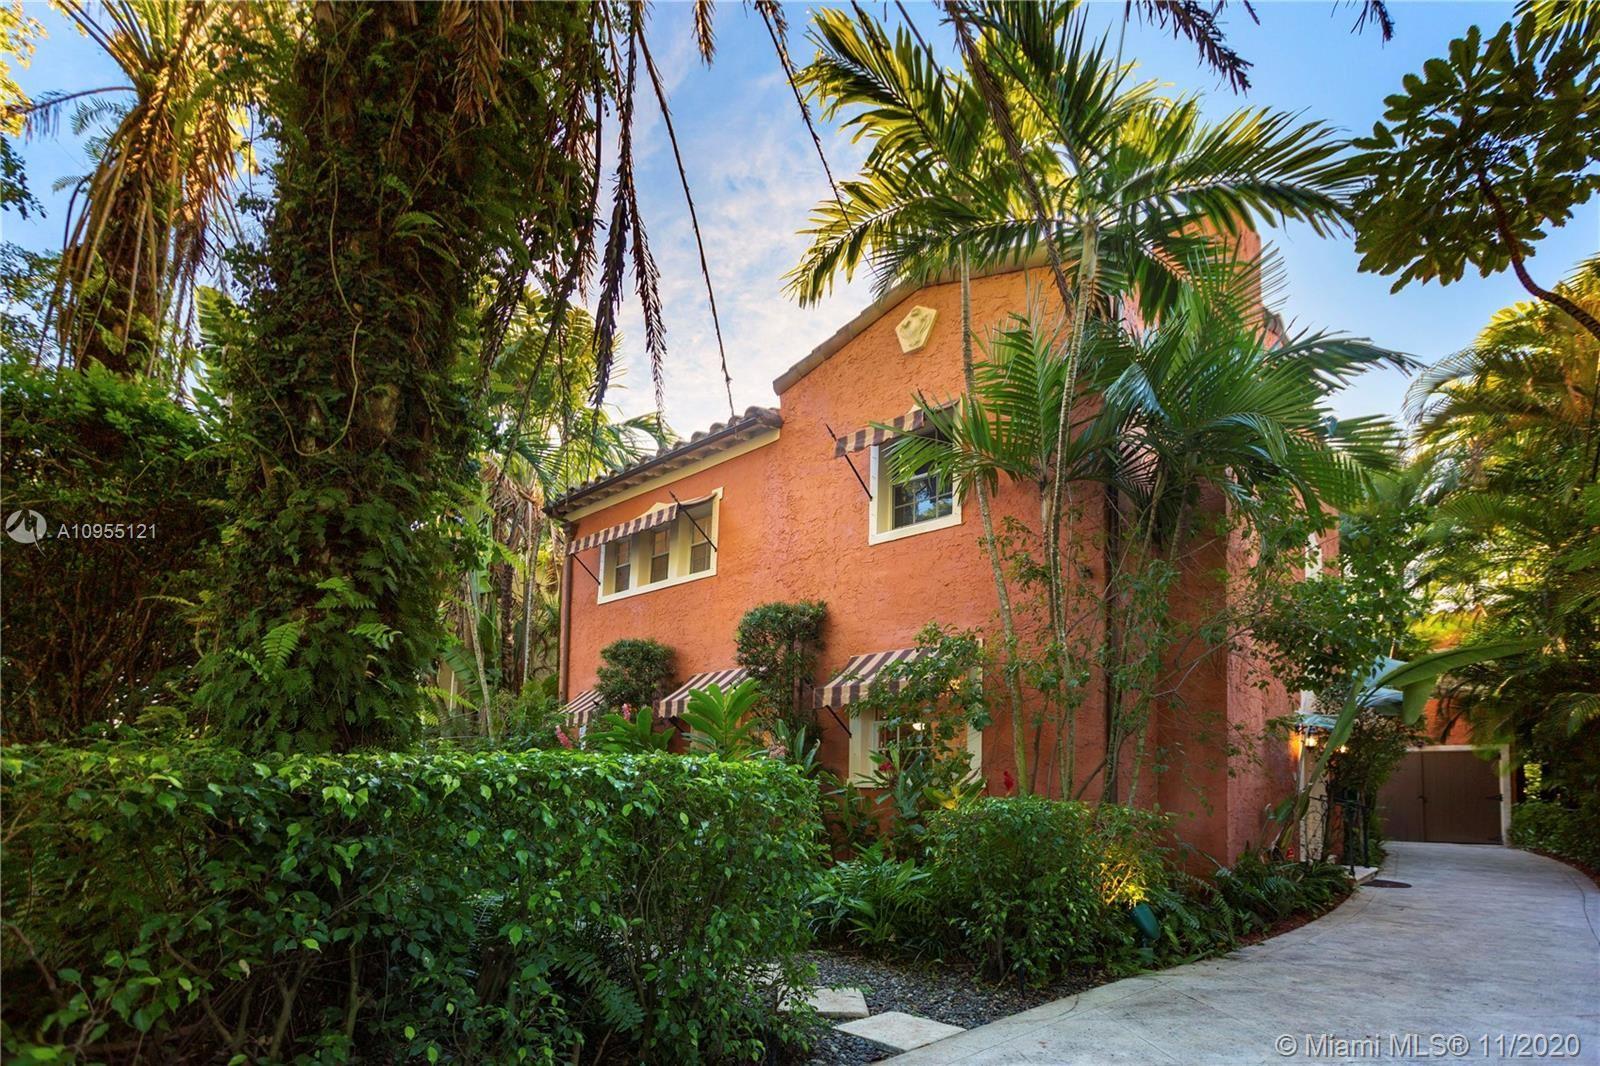 5008 Alhambra Cir, Coral Gables, FL 33146 - #: A10955121